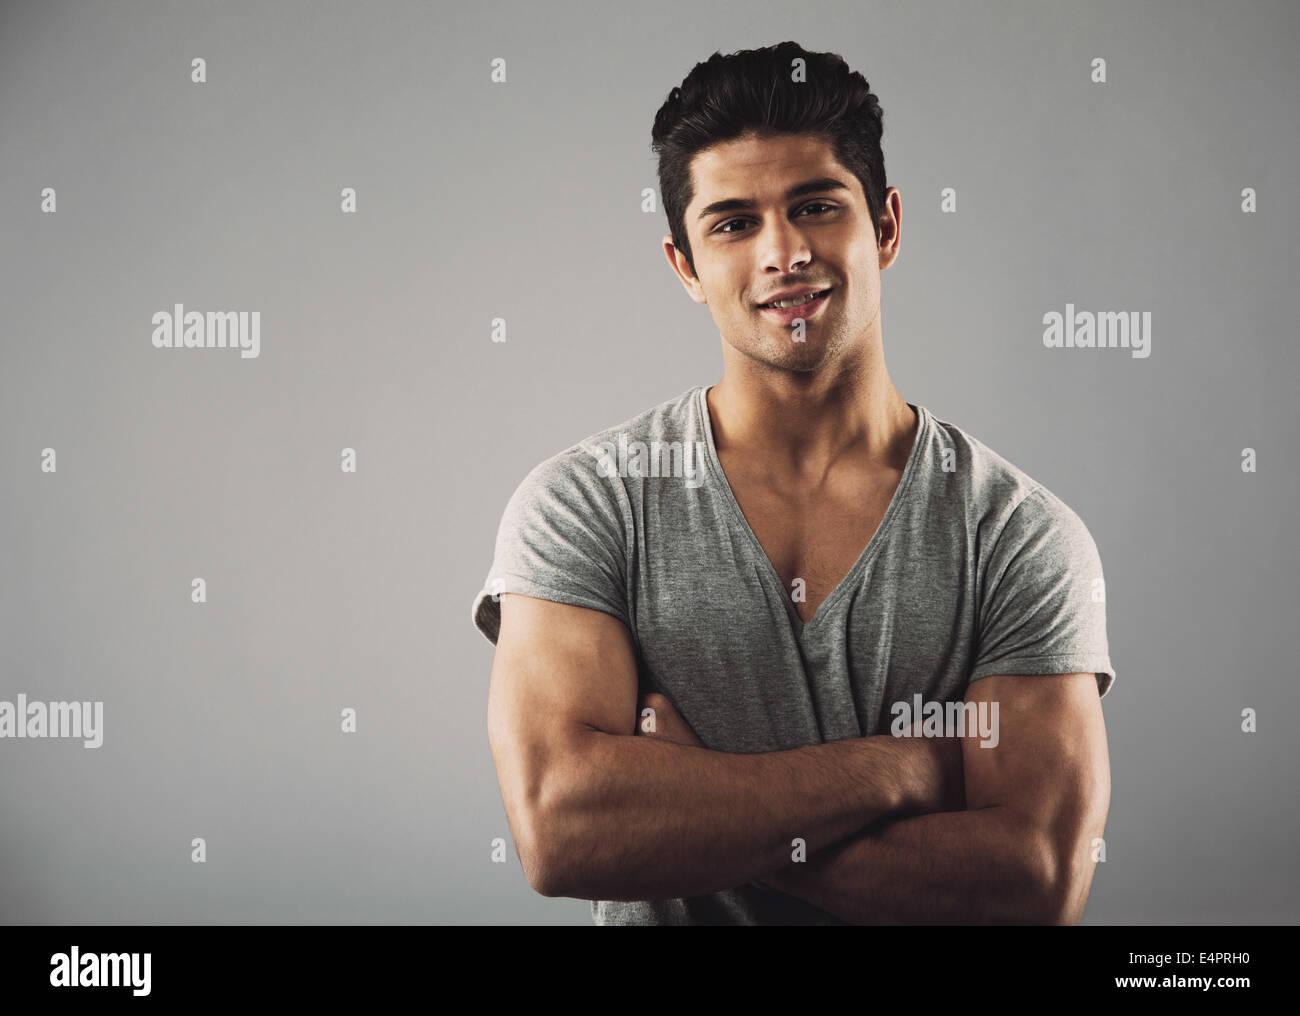 Retrato de un joven apuesto de pie con los brazos cruzados sobre fondo gris con espacio de copia. Moda masculina Imagen De Stock